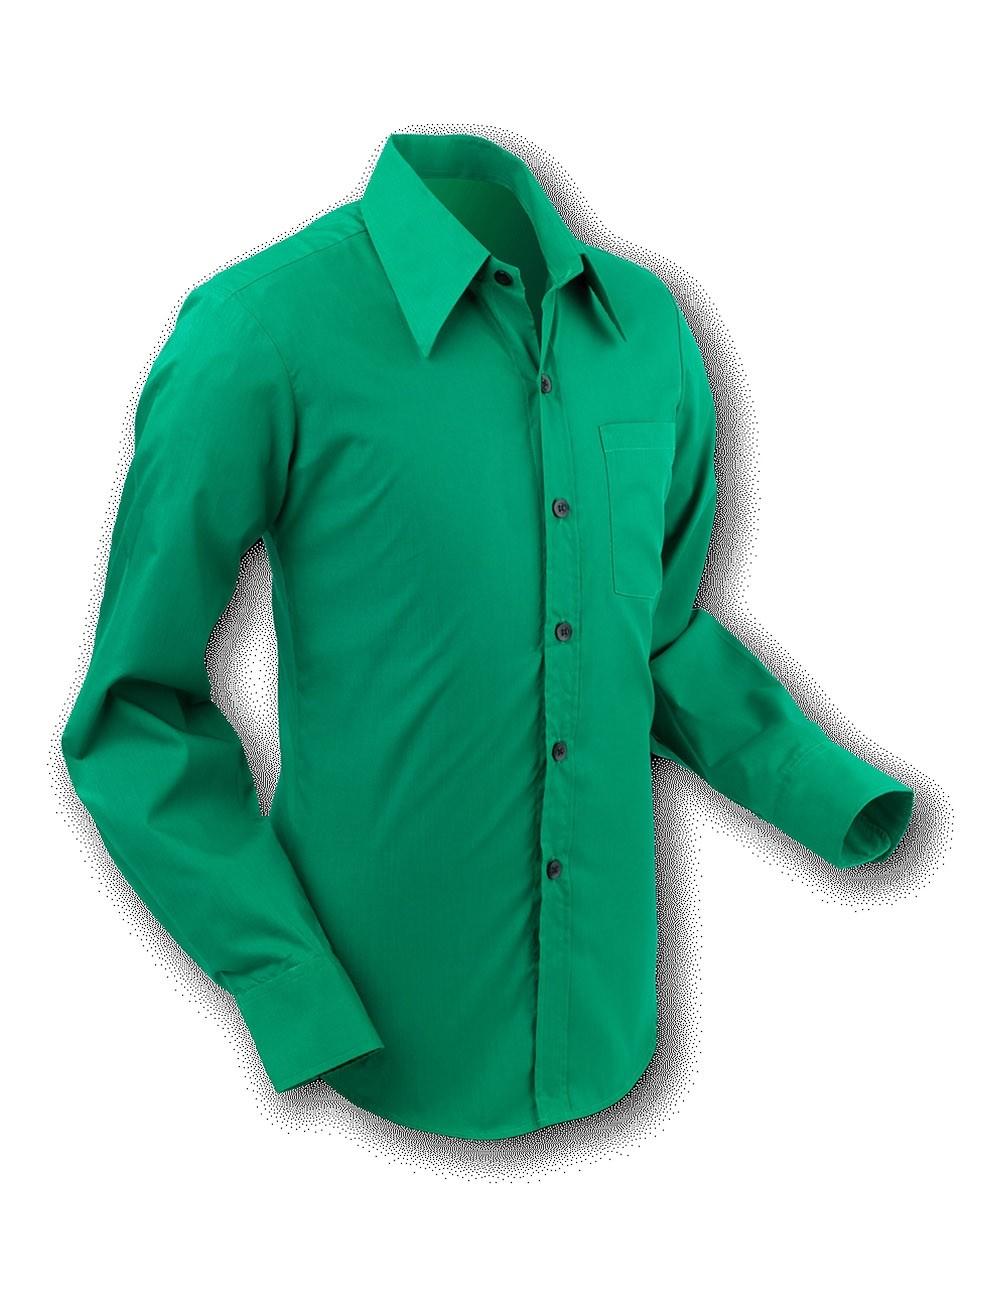 Overhemd 70s Basic Teal-Green